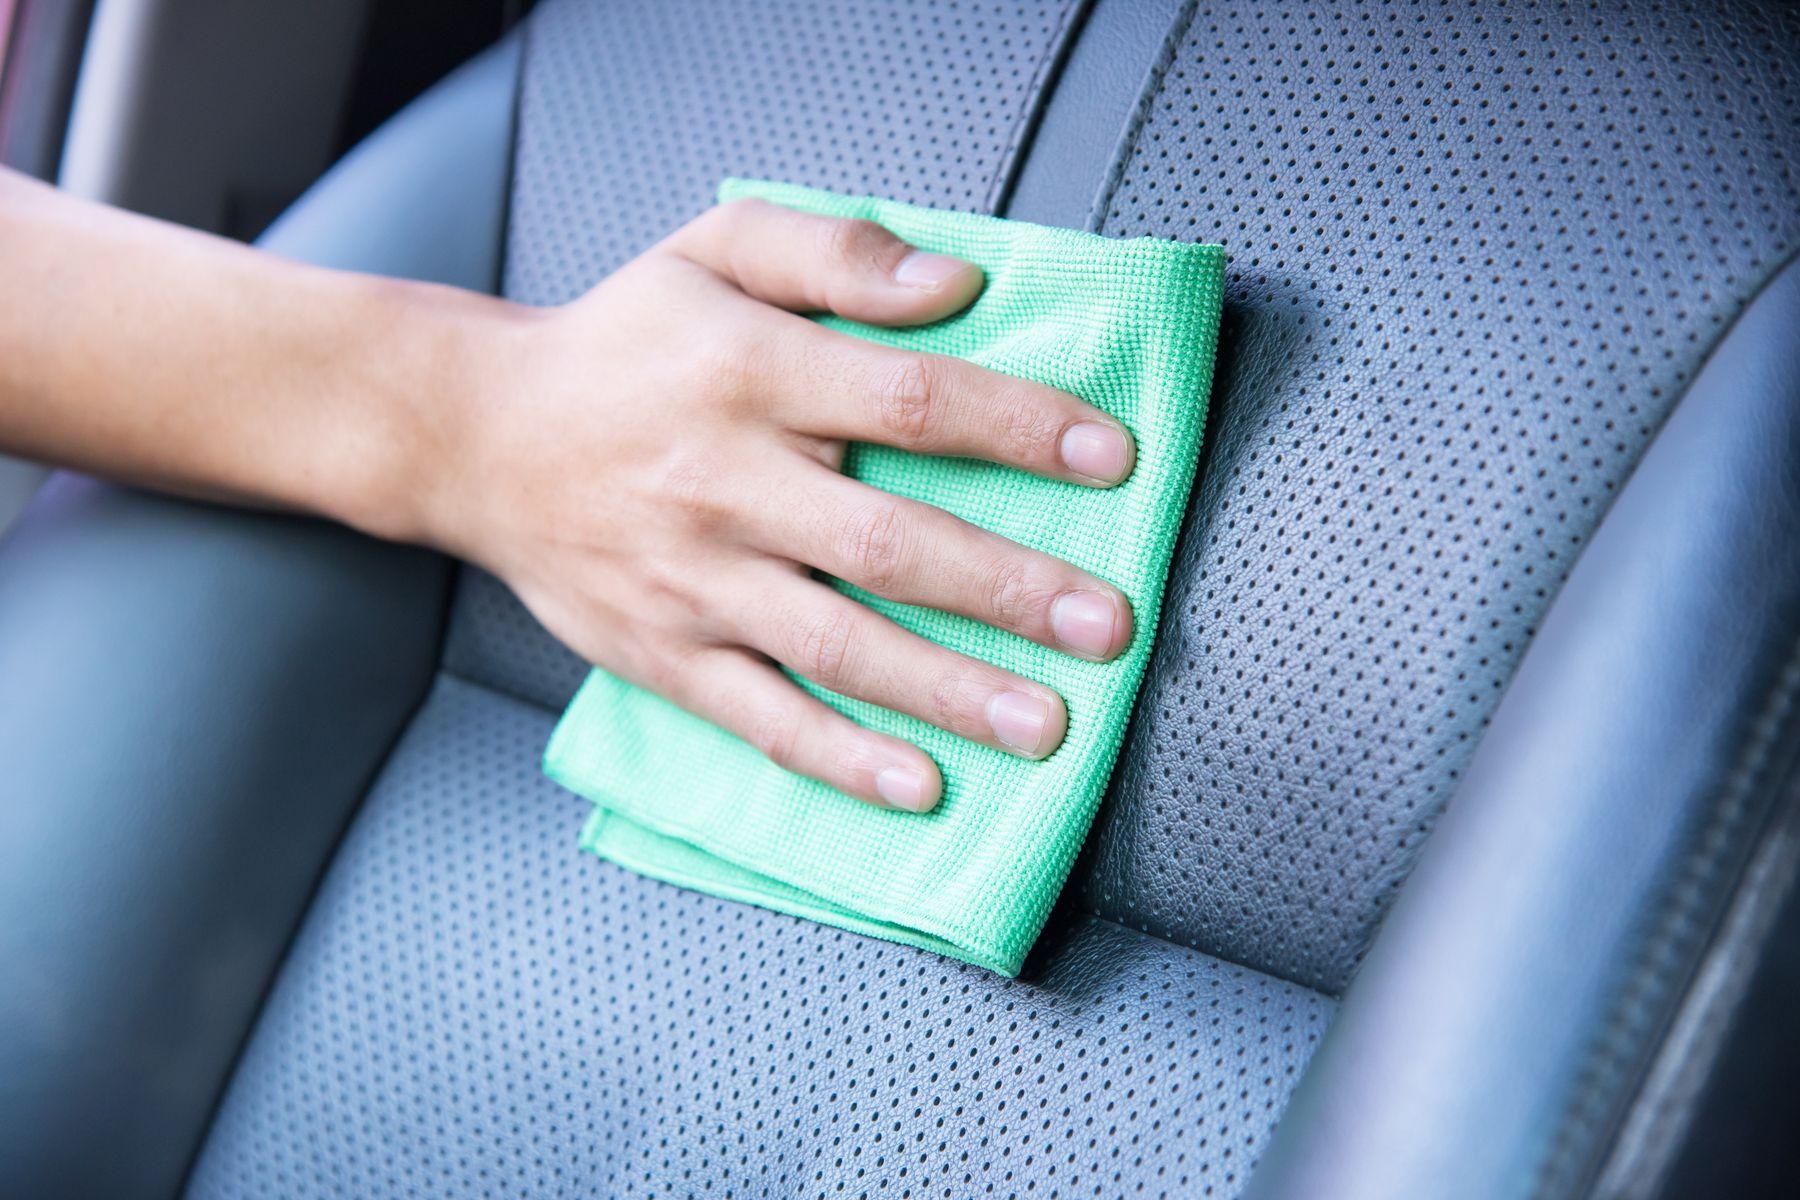 Cómo Limpiar Tapizados De Auto 5 Pasos Fáciles Cleanipedia